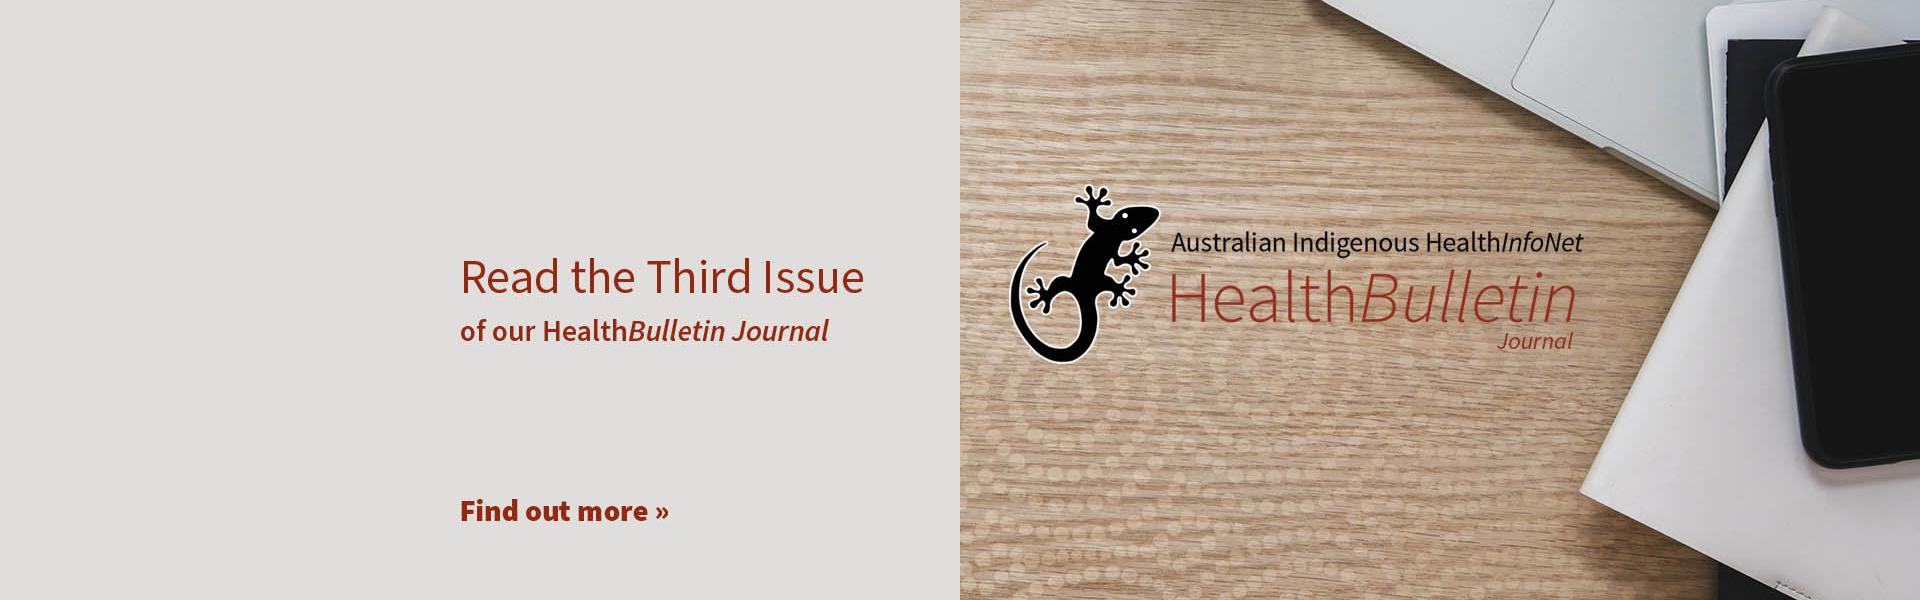 HealthBulletin Journal